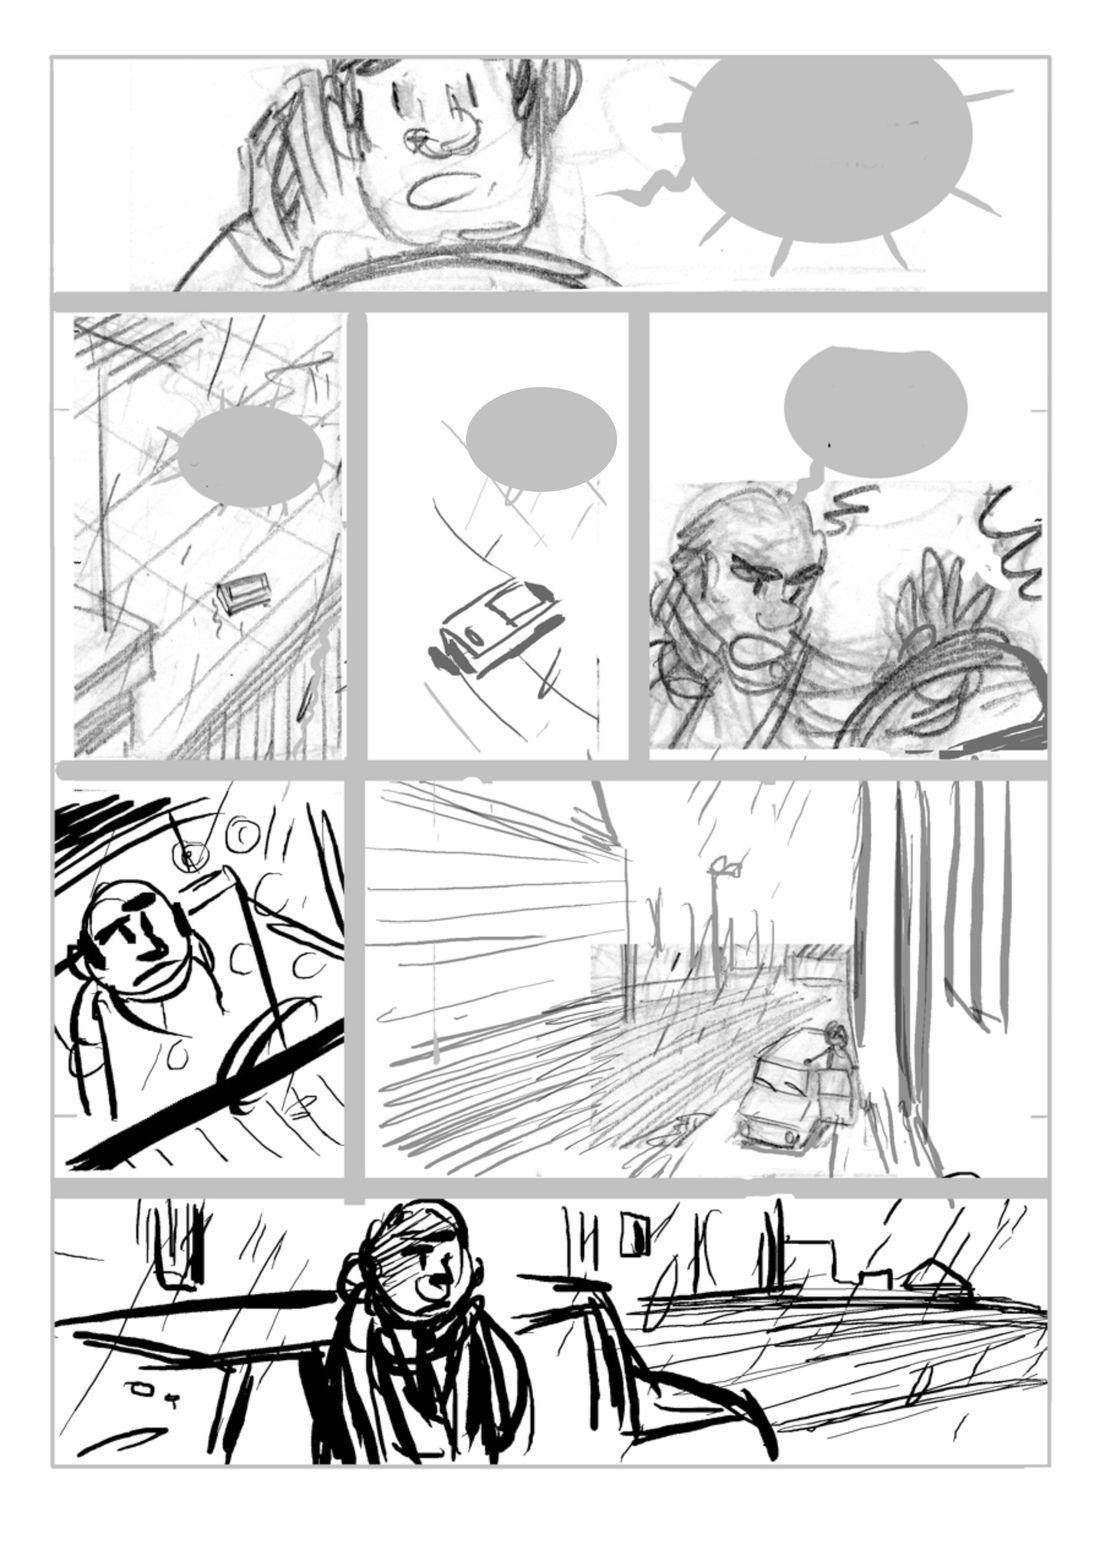 Supers, Rough de la planche 20 du tome 3, version 2 © Editions de la gouttiere / Dawid / Maupomé